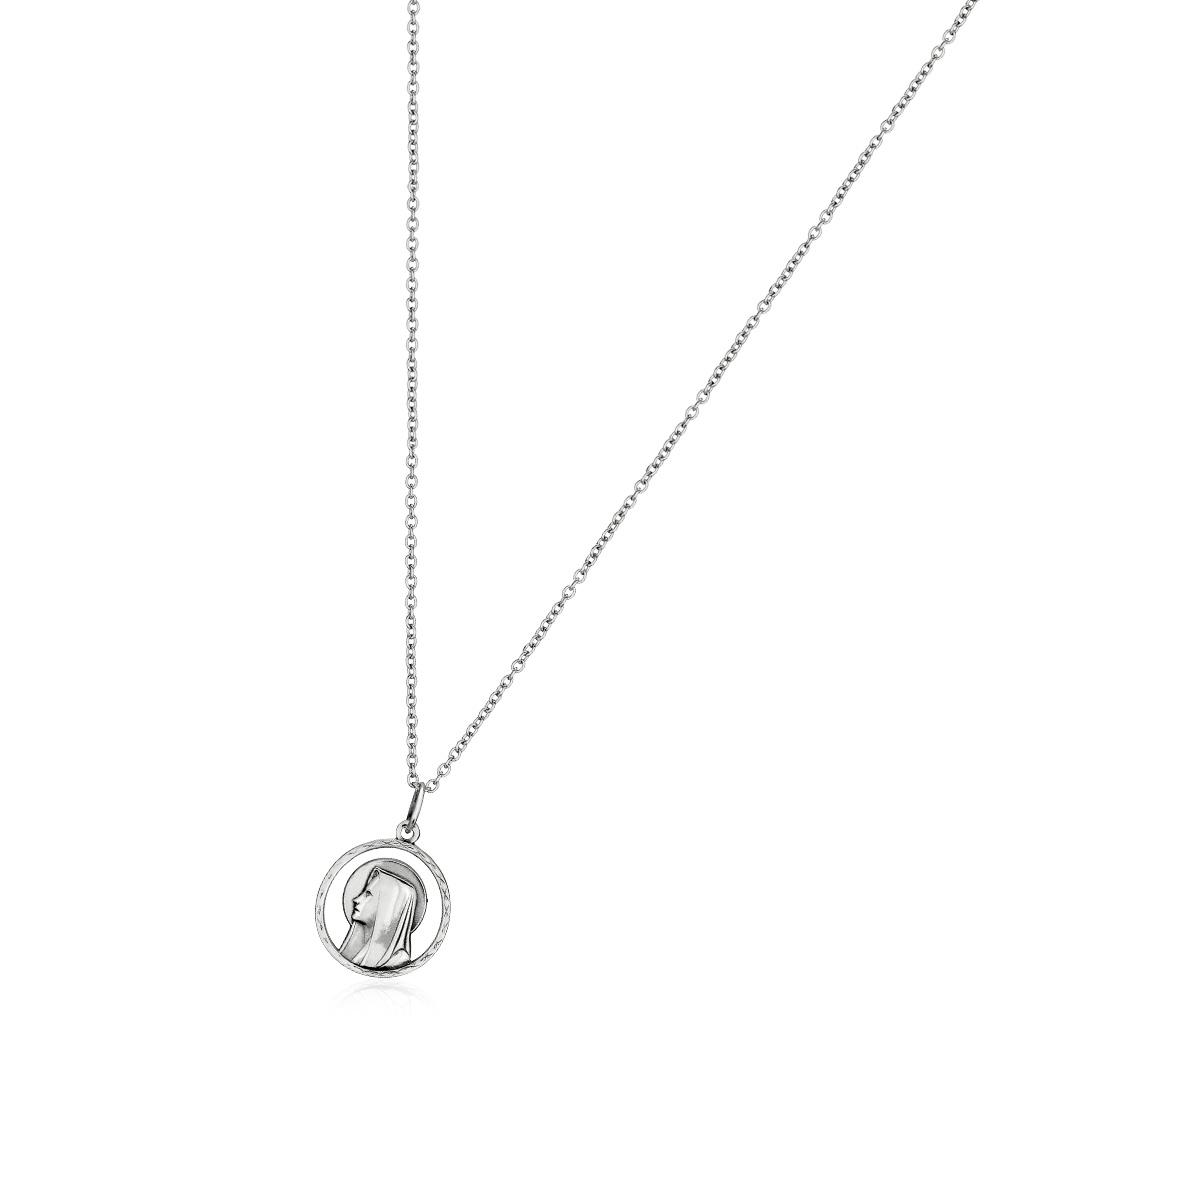 AS52 瑪麗亞的凝望簡約長項鍊